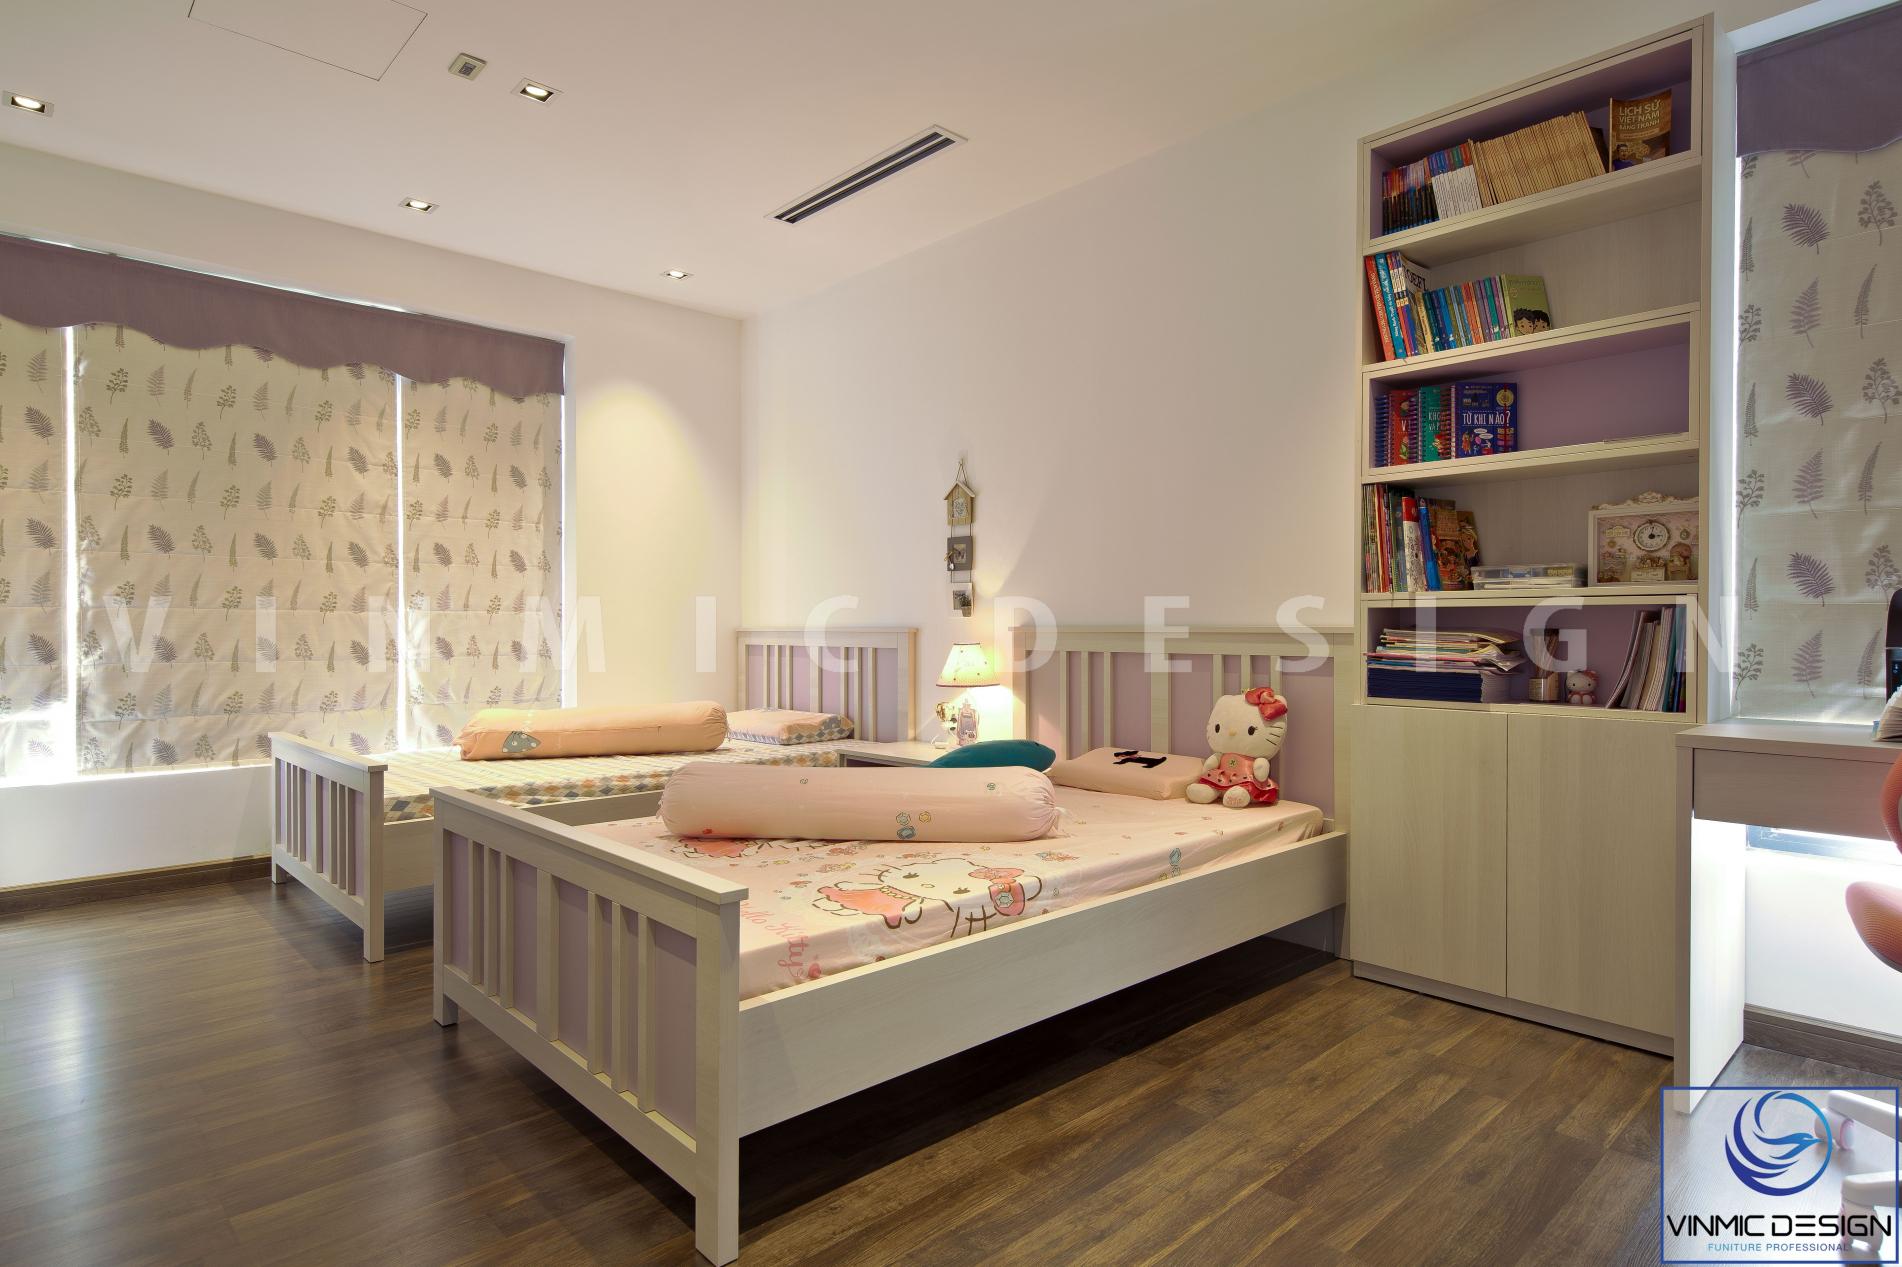 Thi công giường đôi đẹp tại chung cư Imperia Hà Nội